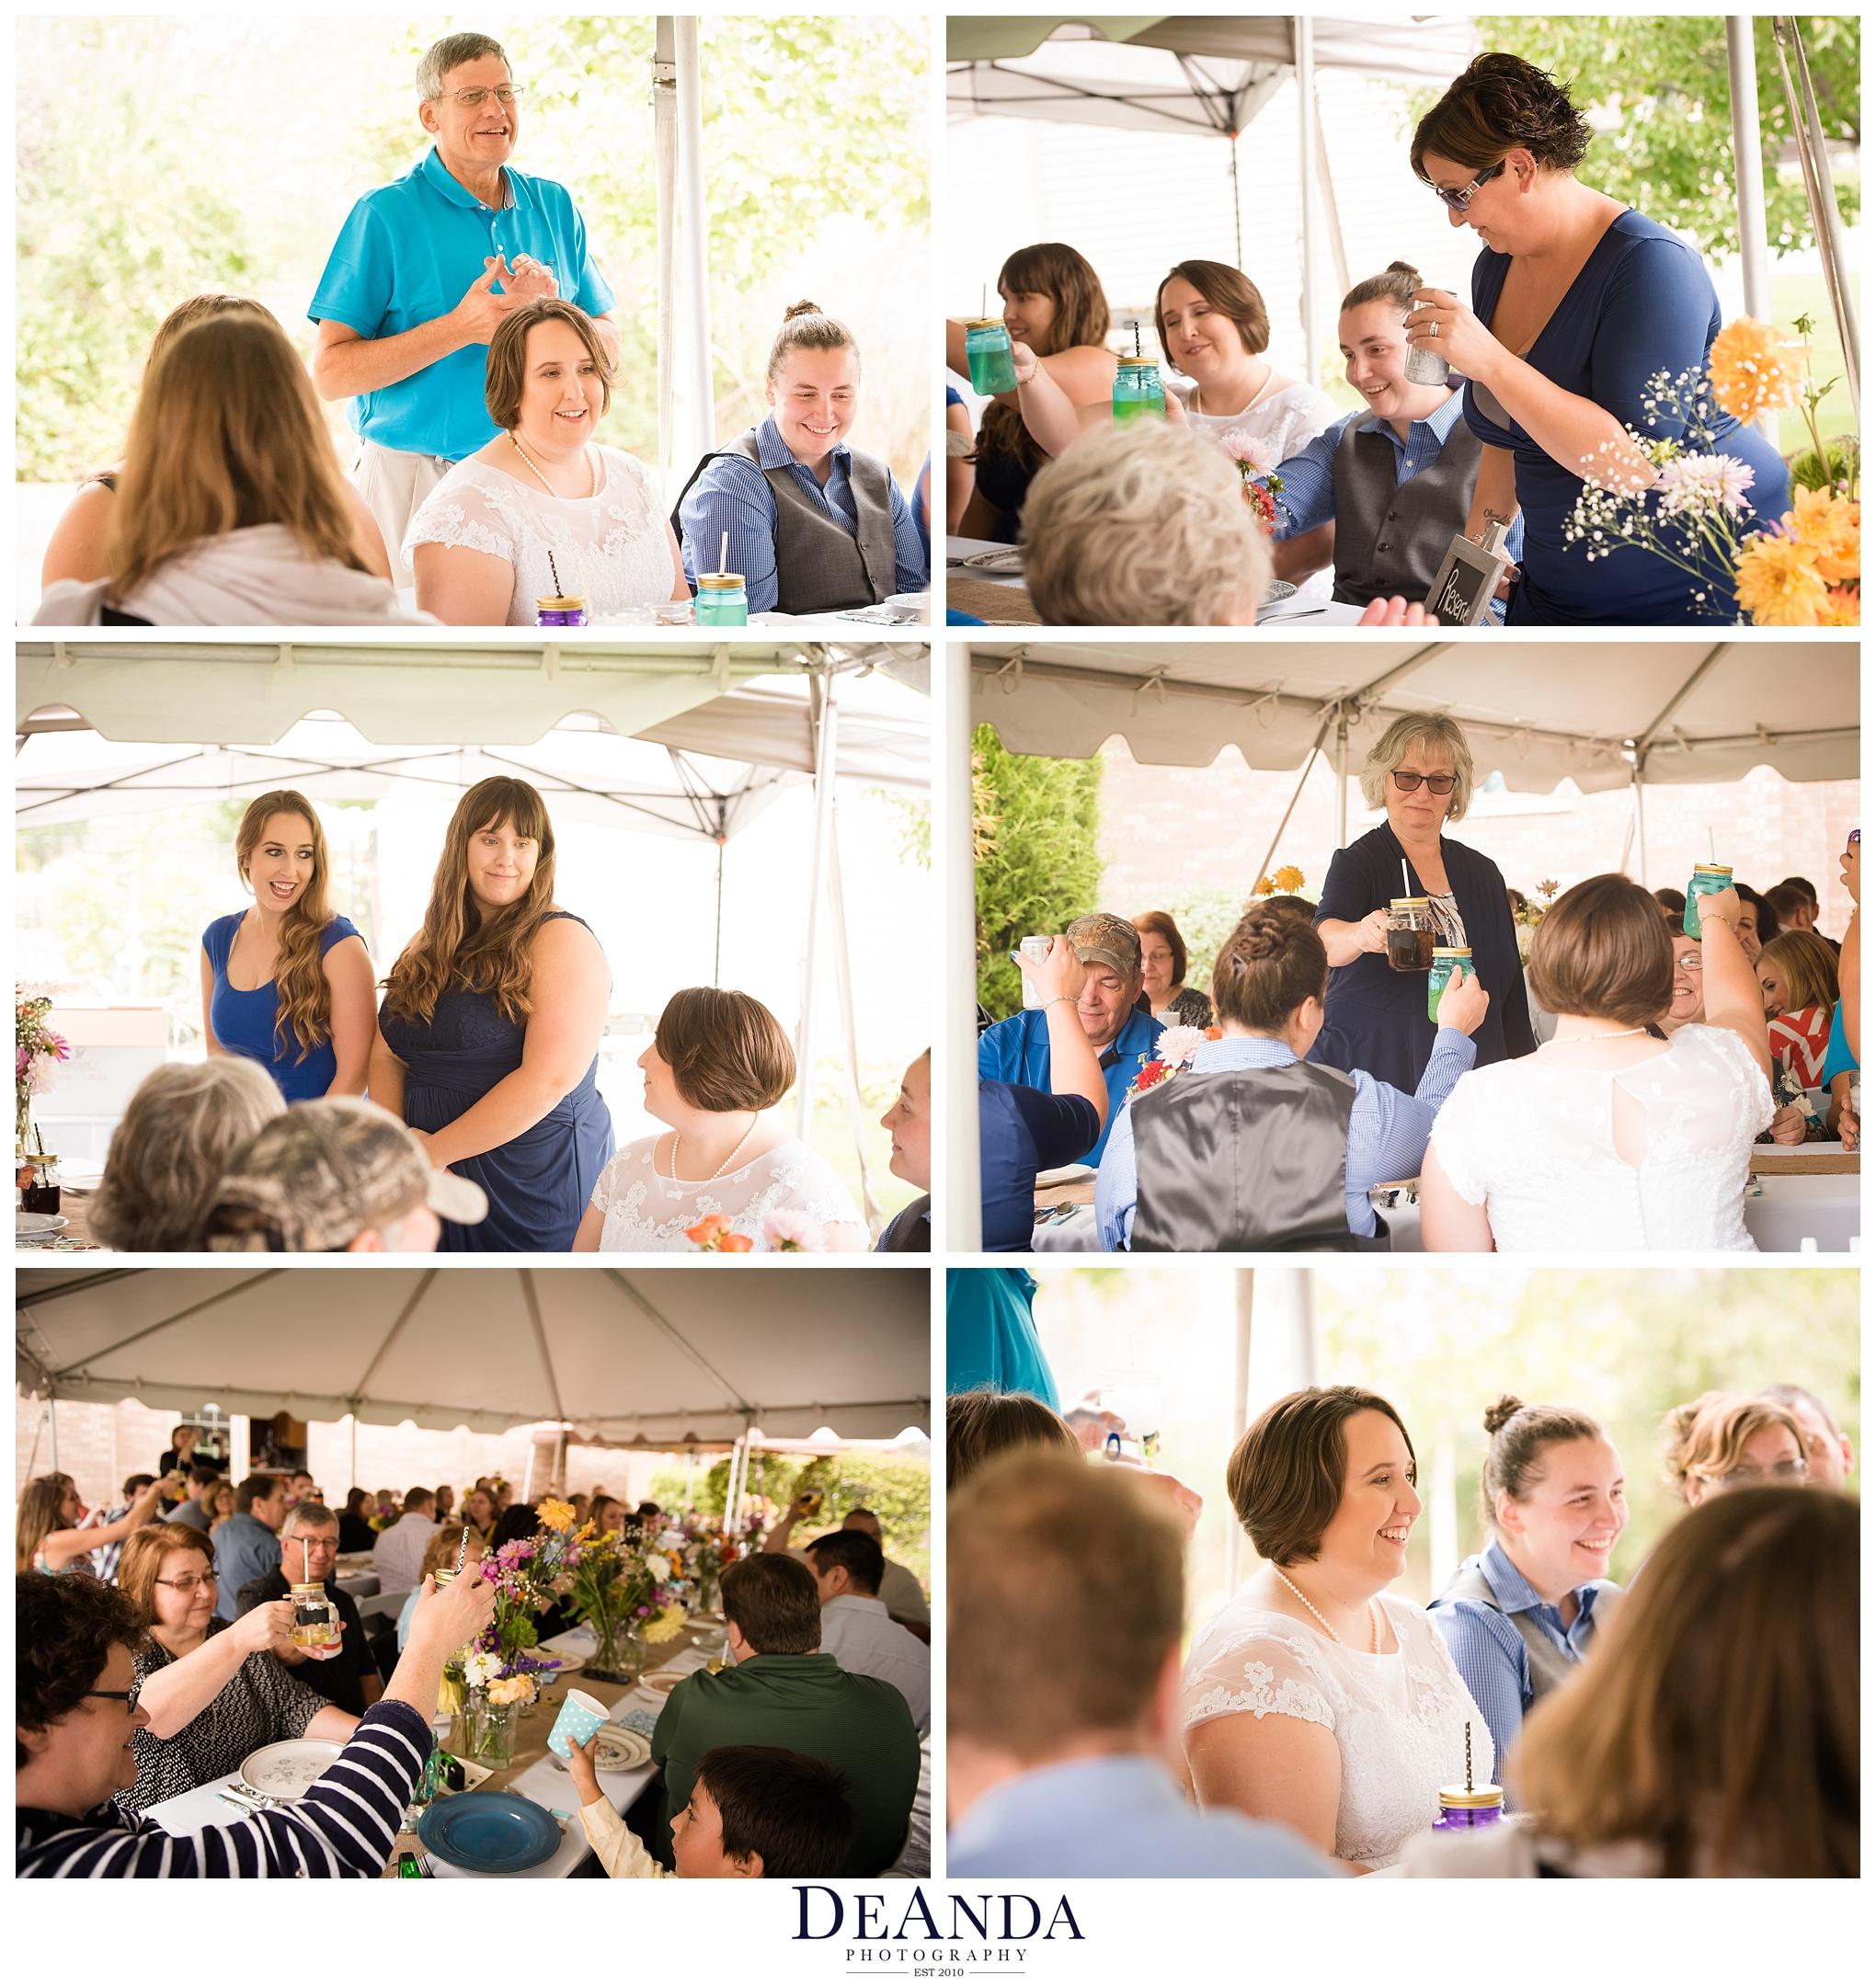 wedding speeches in outdoor wedding under white tent